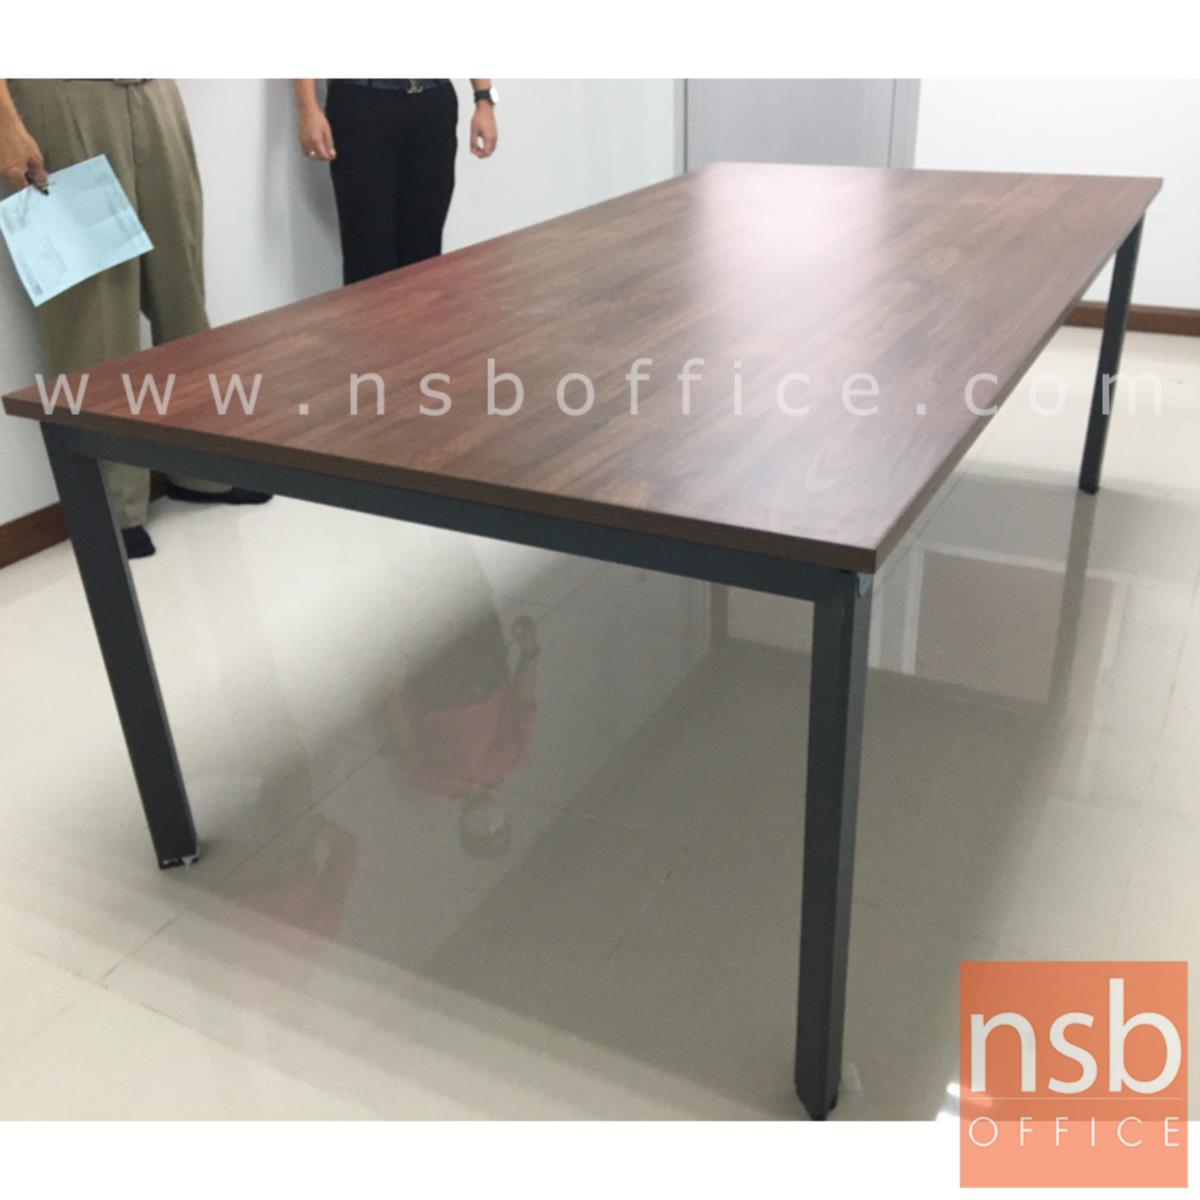 โต๊ะประชุมทรงสี่เหลี่ยม รุ่น LISBON (ลิสบอน) ขนาด 180W, 220W cm.